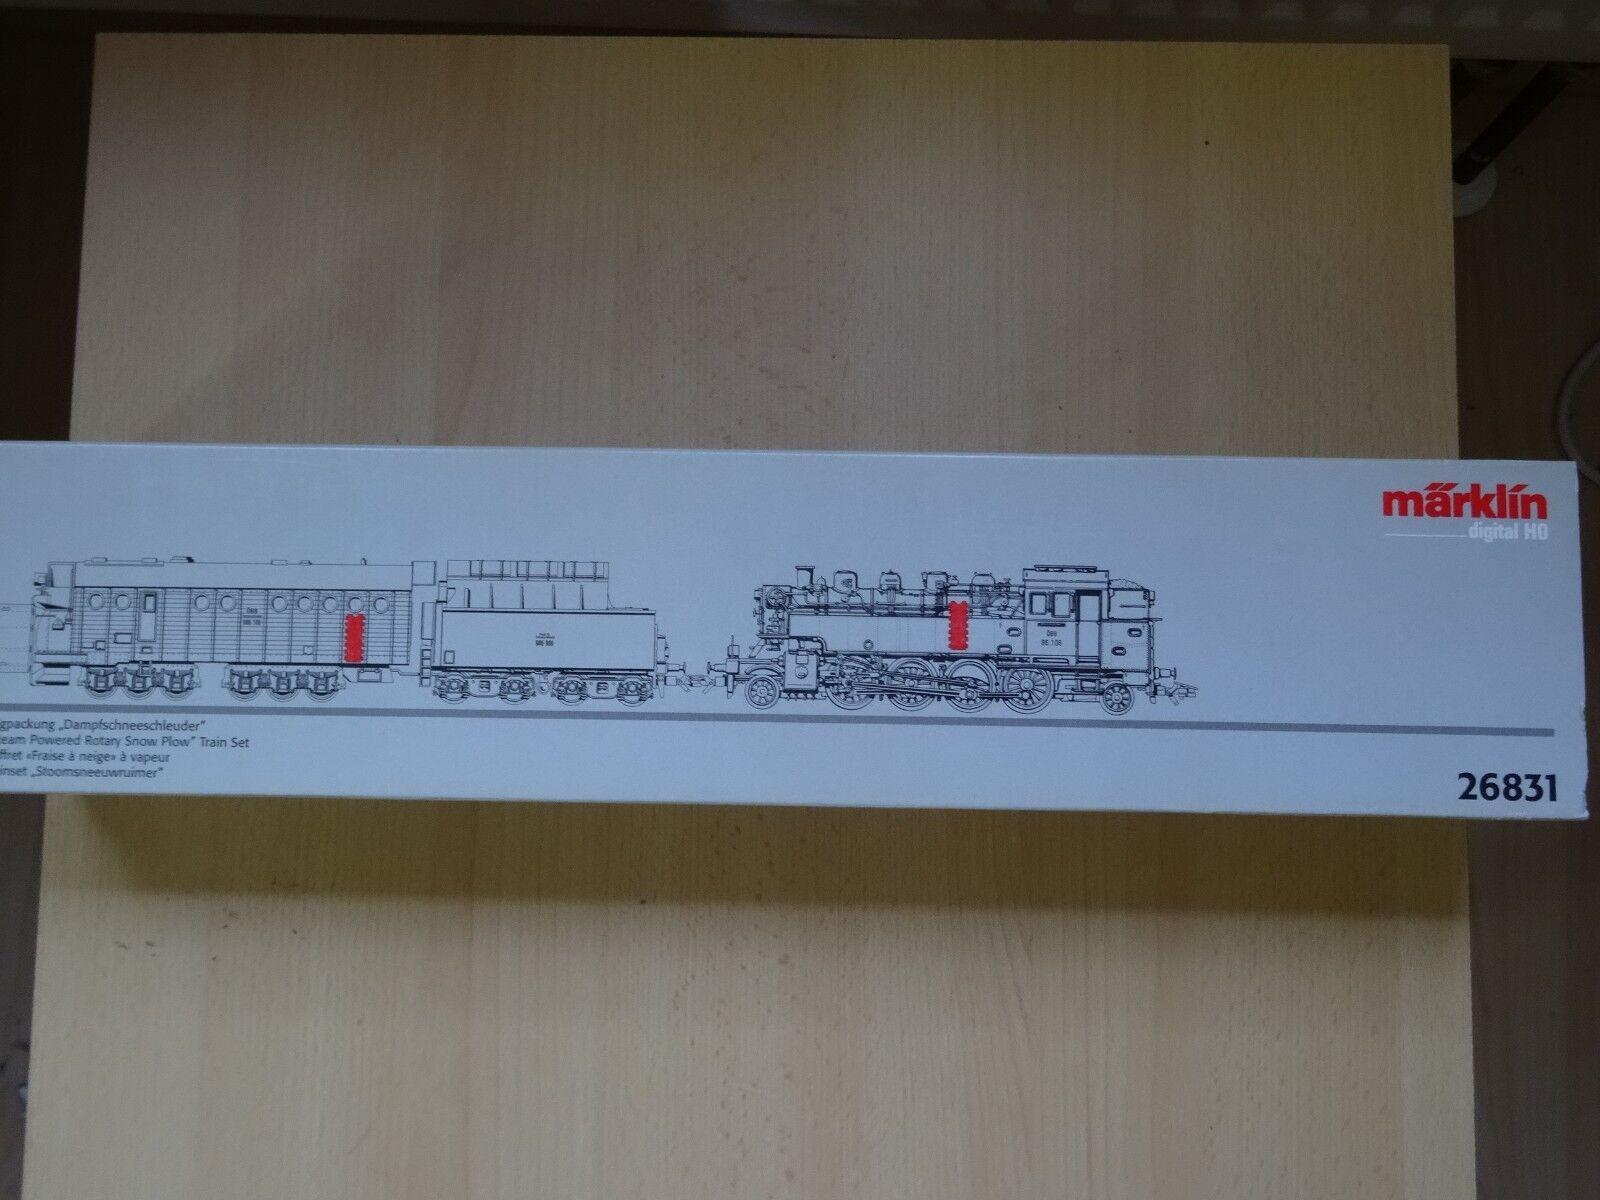 promociones emocionantes Marklin ho Art 26831 26831 26831 dampfschneeschleuder con Lok dig nuevo en el embalaje original  60% de descuento